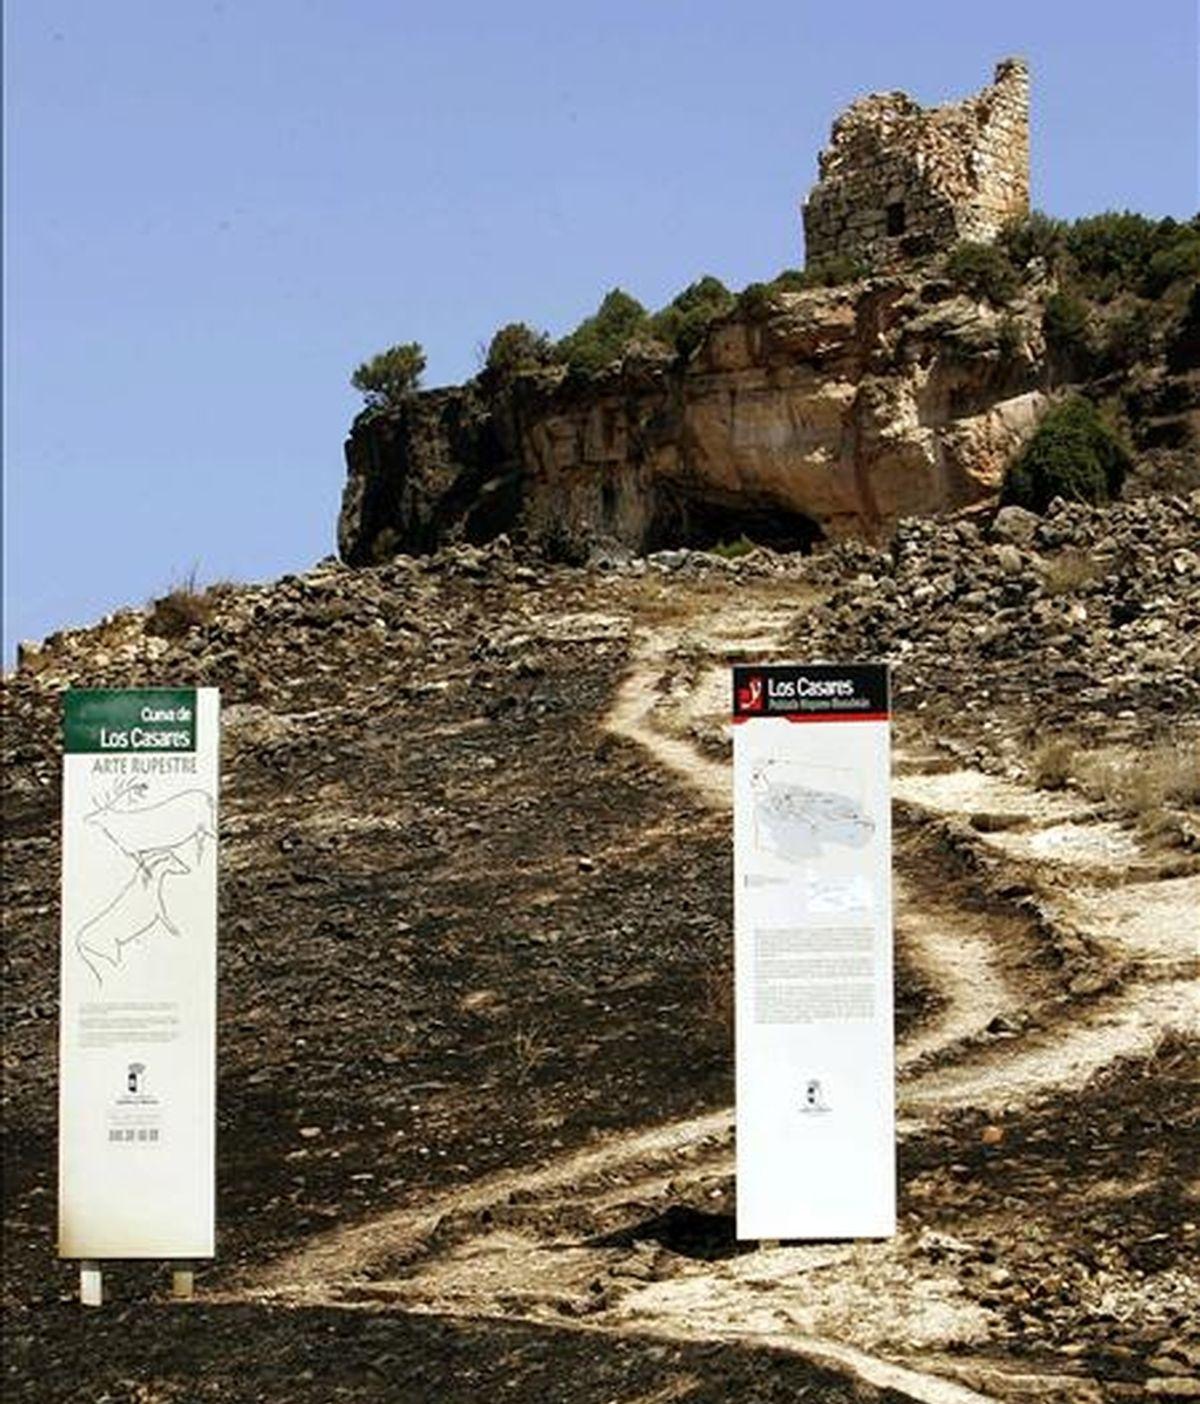 Paraje de pinares conocido como la Cueva de los Casares, en el término municipal de Riba de Saelices, donde en julio de 2005 se originó el incendio presumiblemente a causa de una hoguera prendida por unos excursionistas, que se cobró la vida de once personas. EFE/Archivo